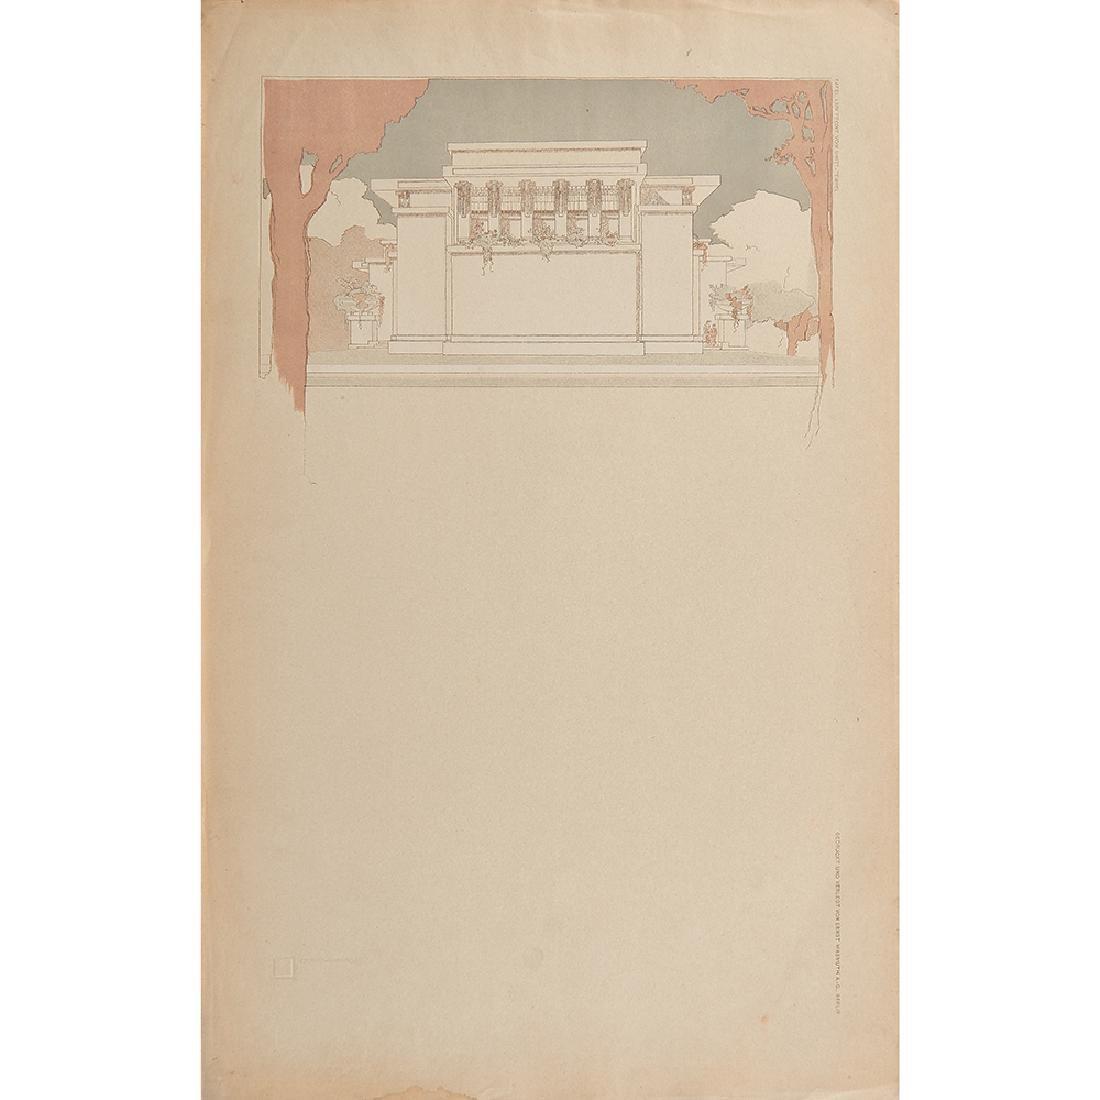 Frank Lloyd Wright Wasmuth portfolio print